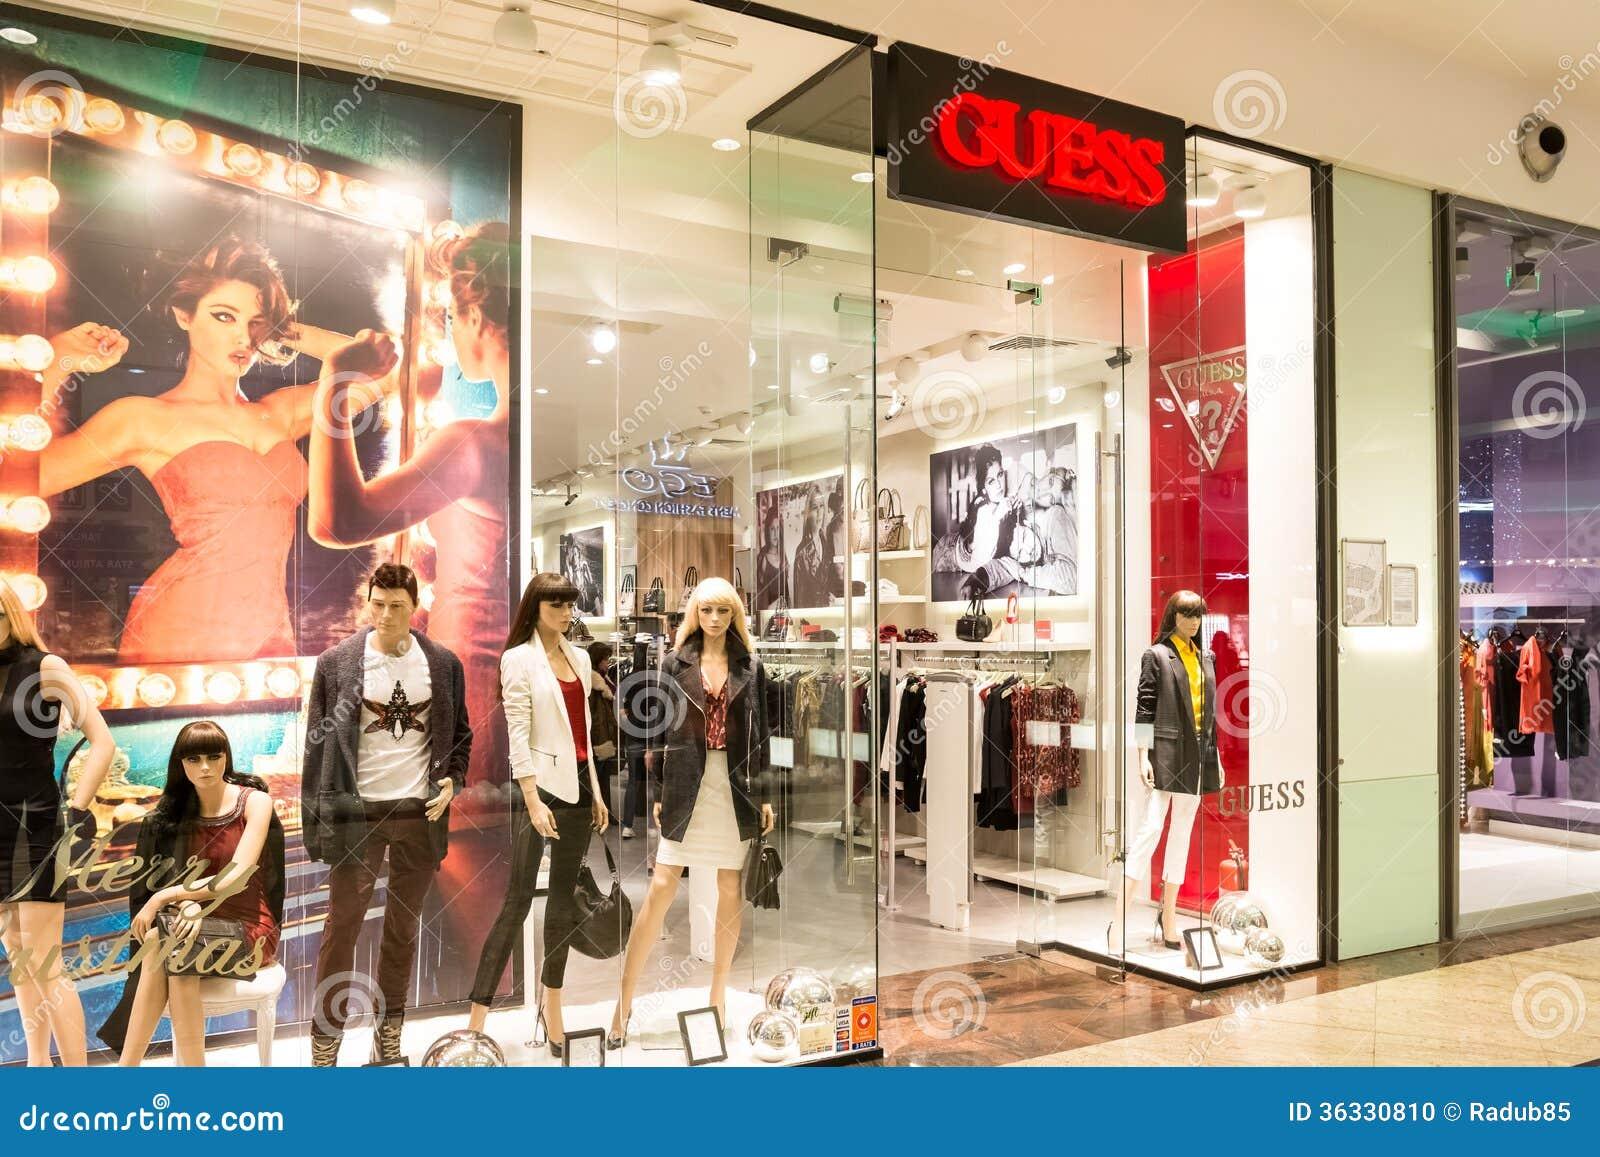 Guess clothes shop online